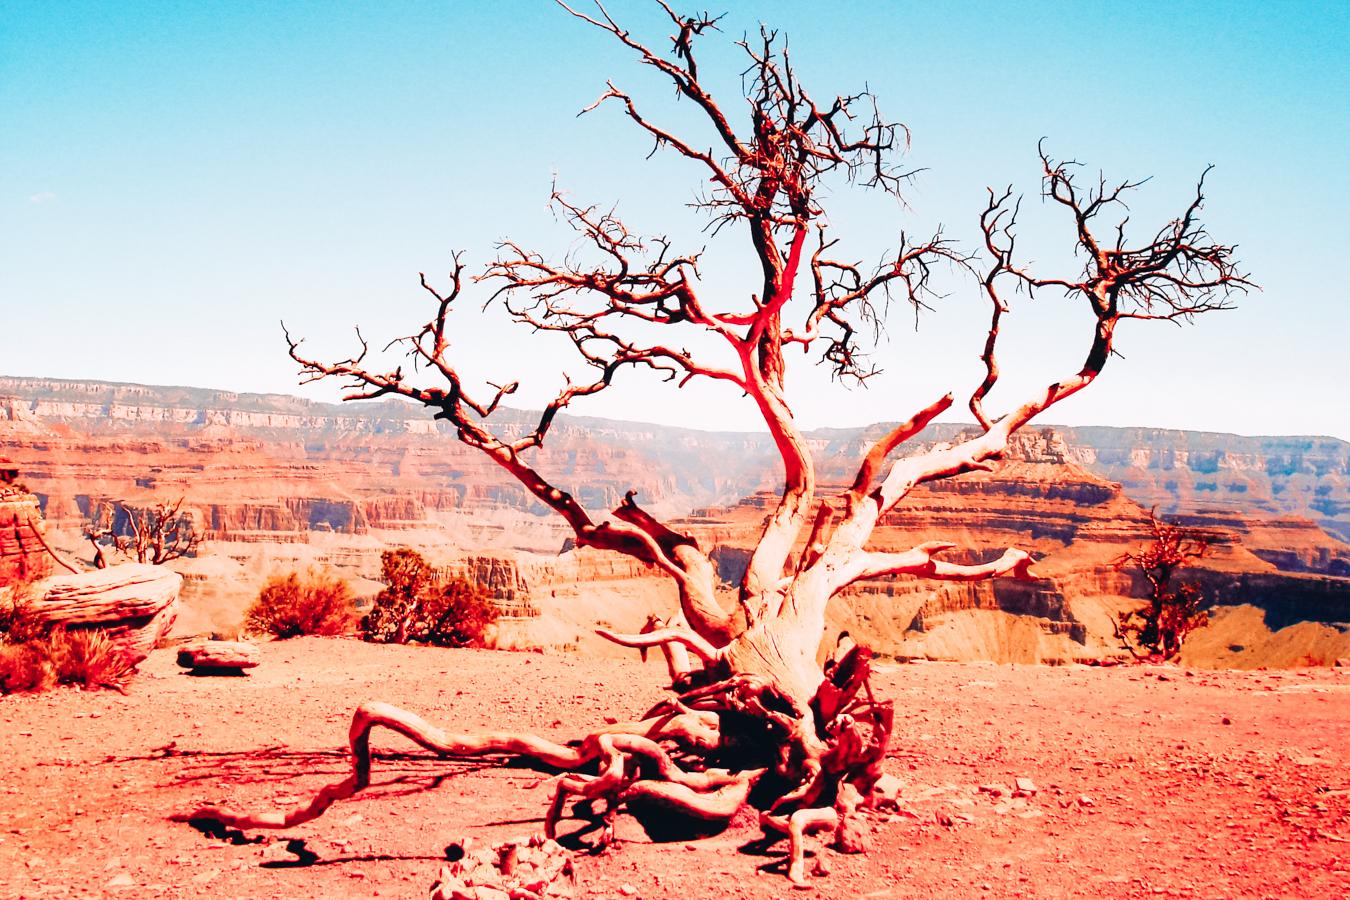 Tree at Grand Canyon National Park